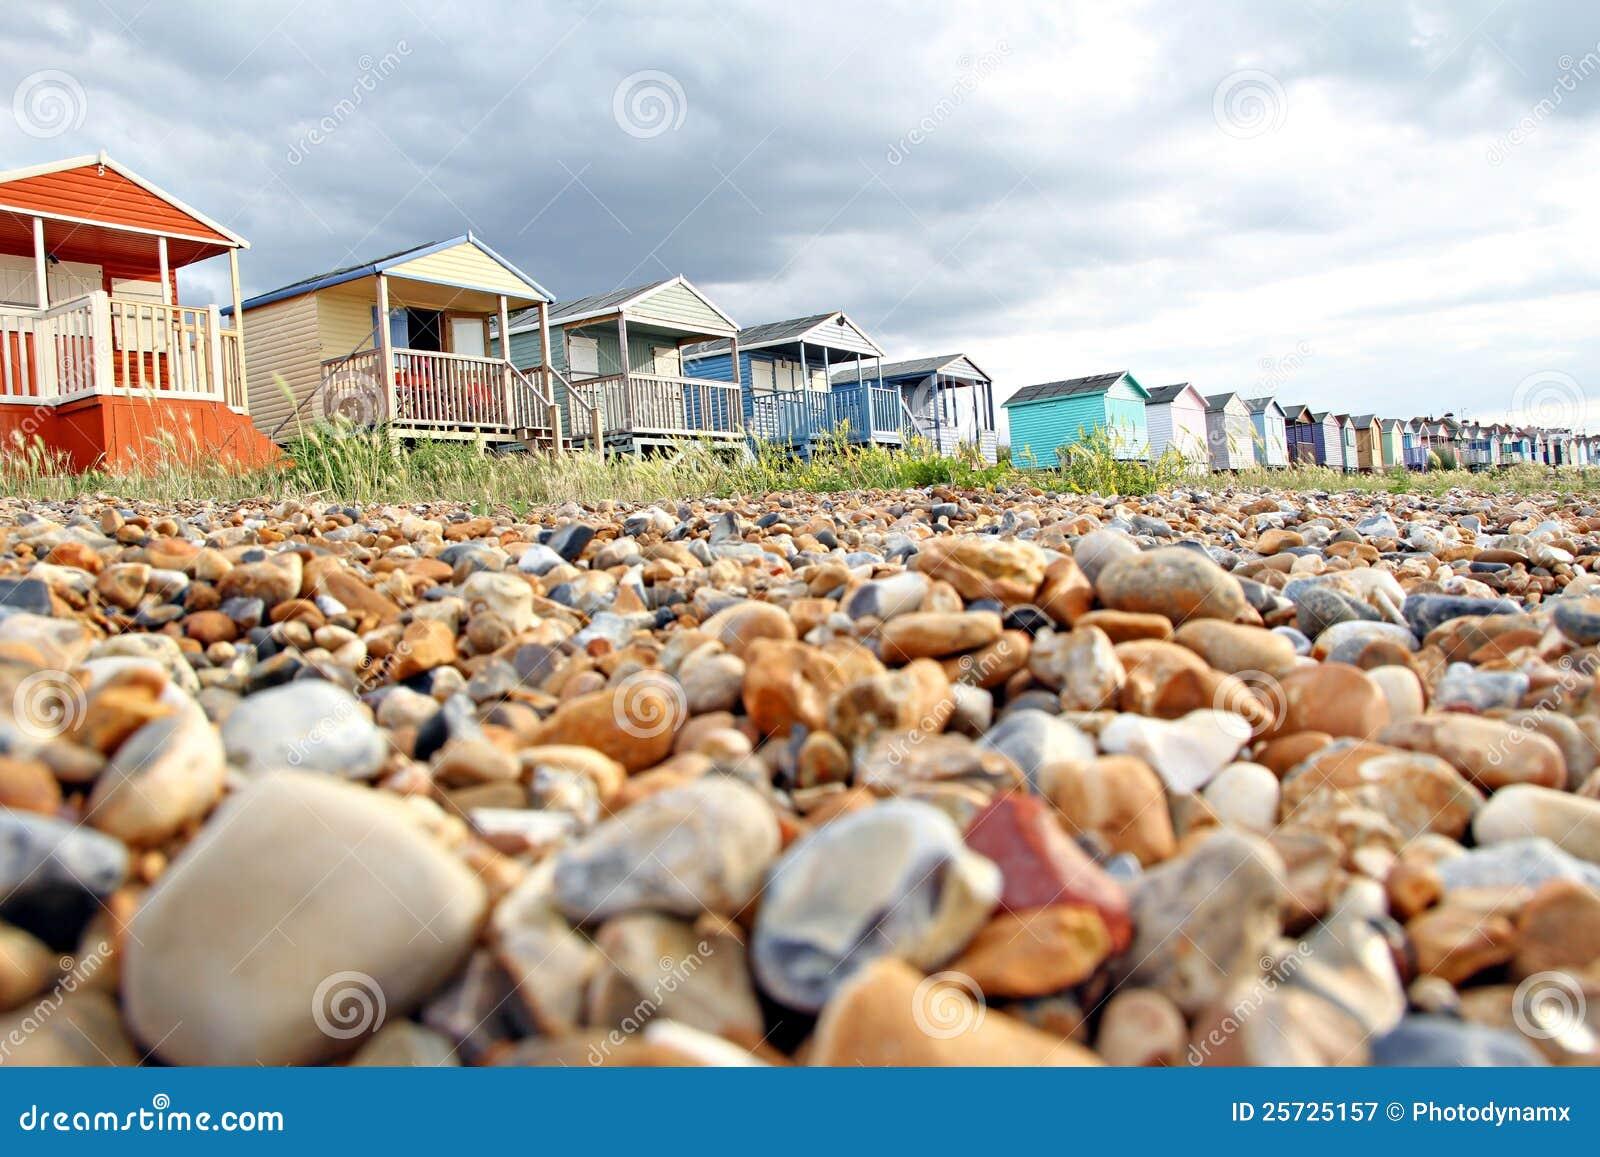 Kiesel und Strandhütten stockbild. Bild von küste, strände - 25725157